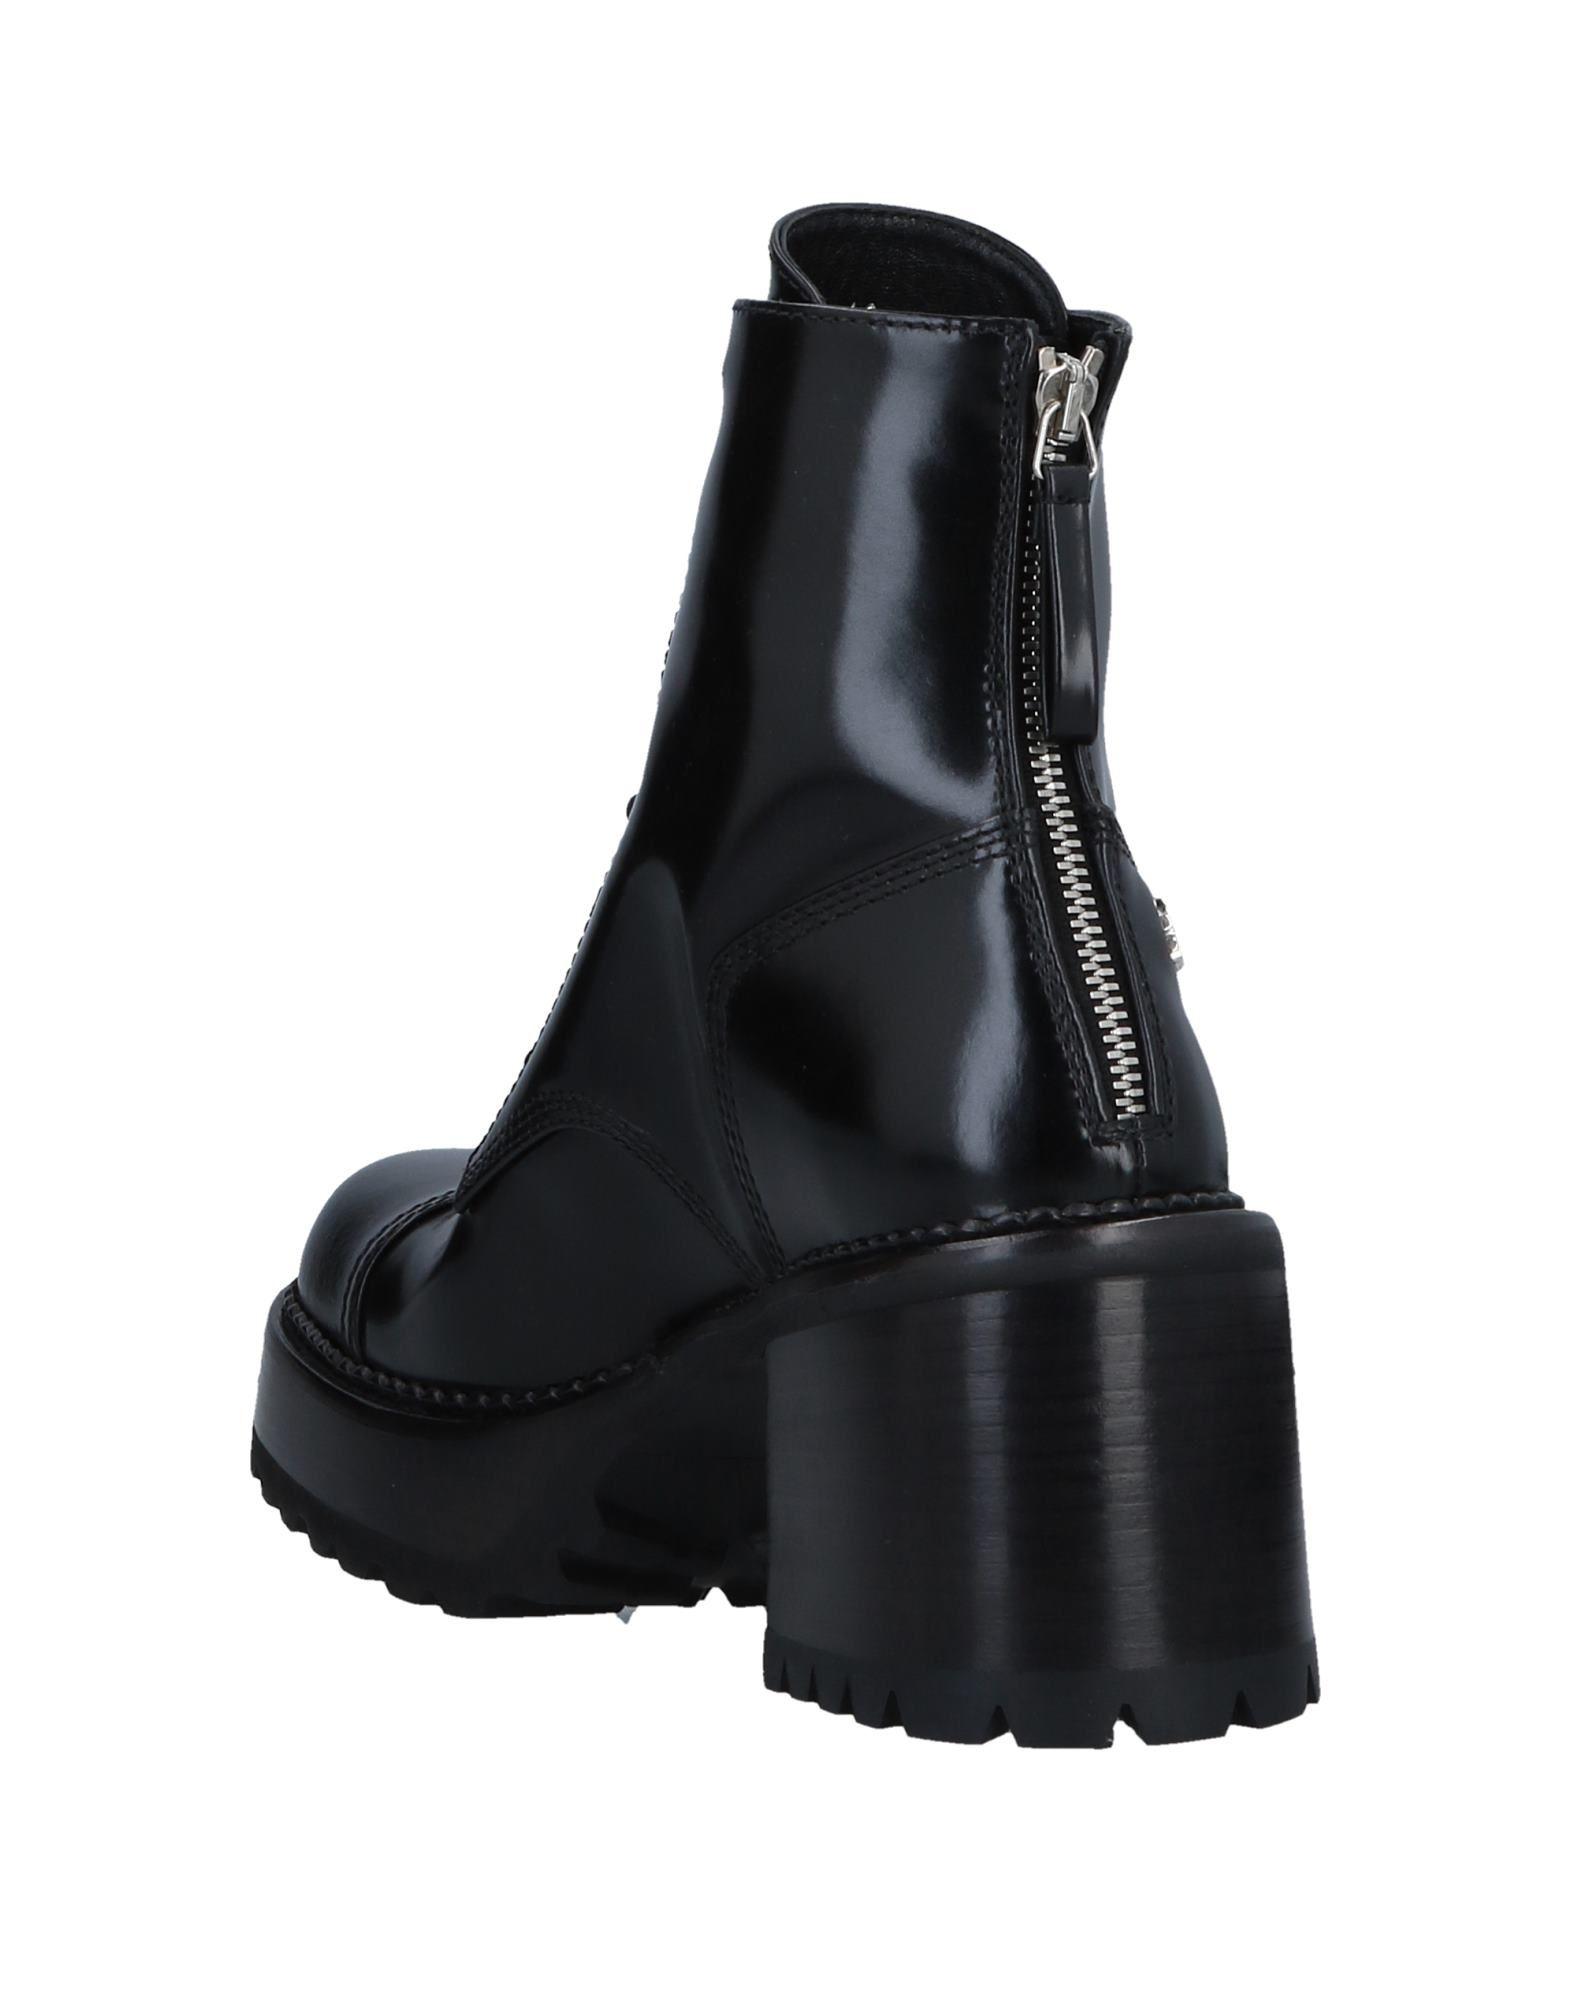 Premiata Stiefelette aussehende Damen  11530968JLGünstige gut aussehende Stiefelette Schuhe 41a65c